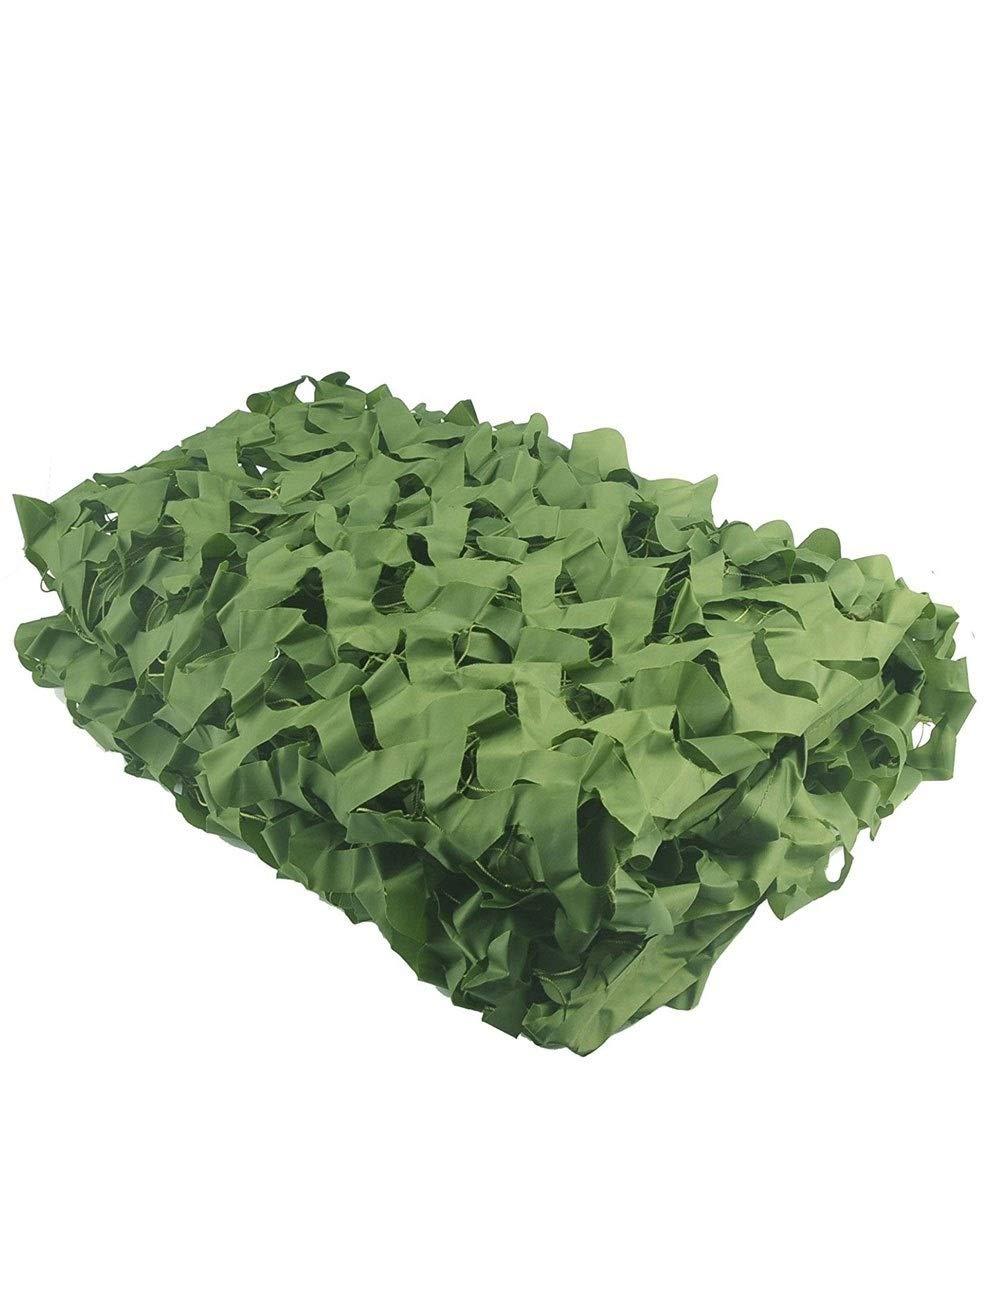 A 3m×3m YAGEER Filet de Camouflage 2 × 3m Camouflage Net Armée De Tir Jungle Vert Camouflage Net Camping Chasse Cachée Militaire boisland Ombrage Net Oxford Tissu Décoration Chambre Garden Party